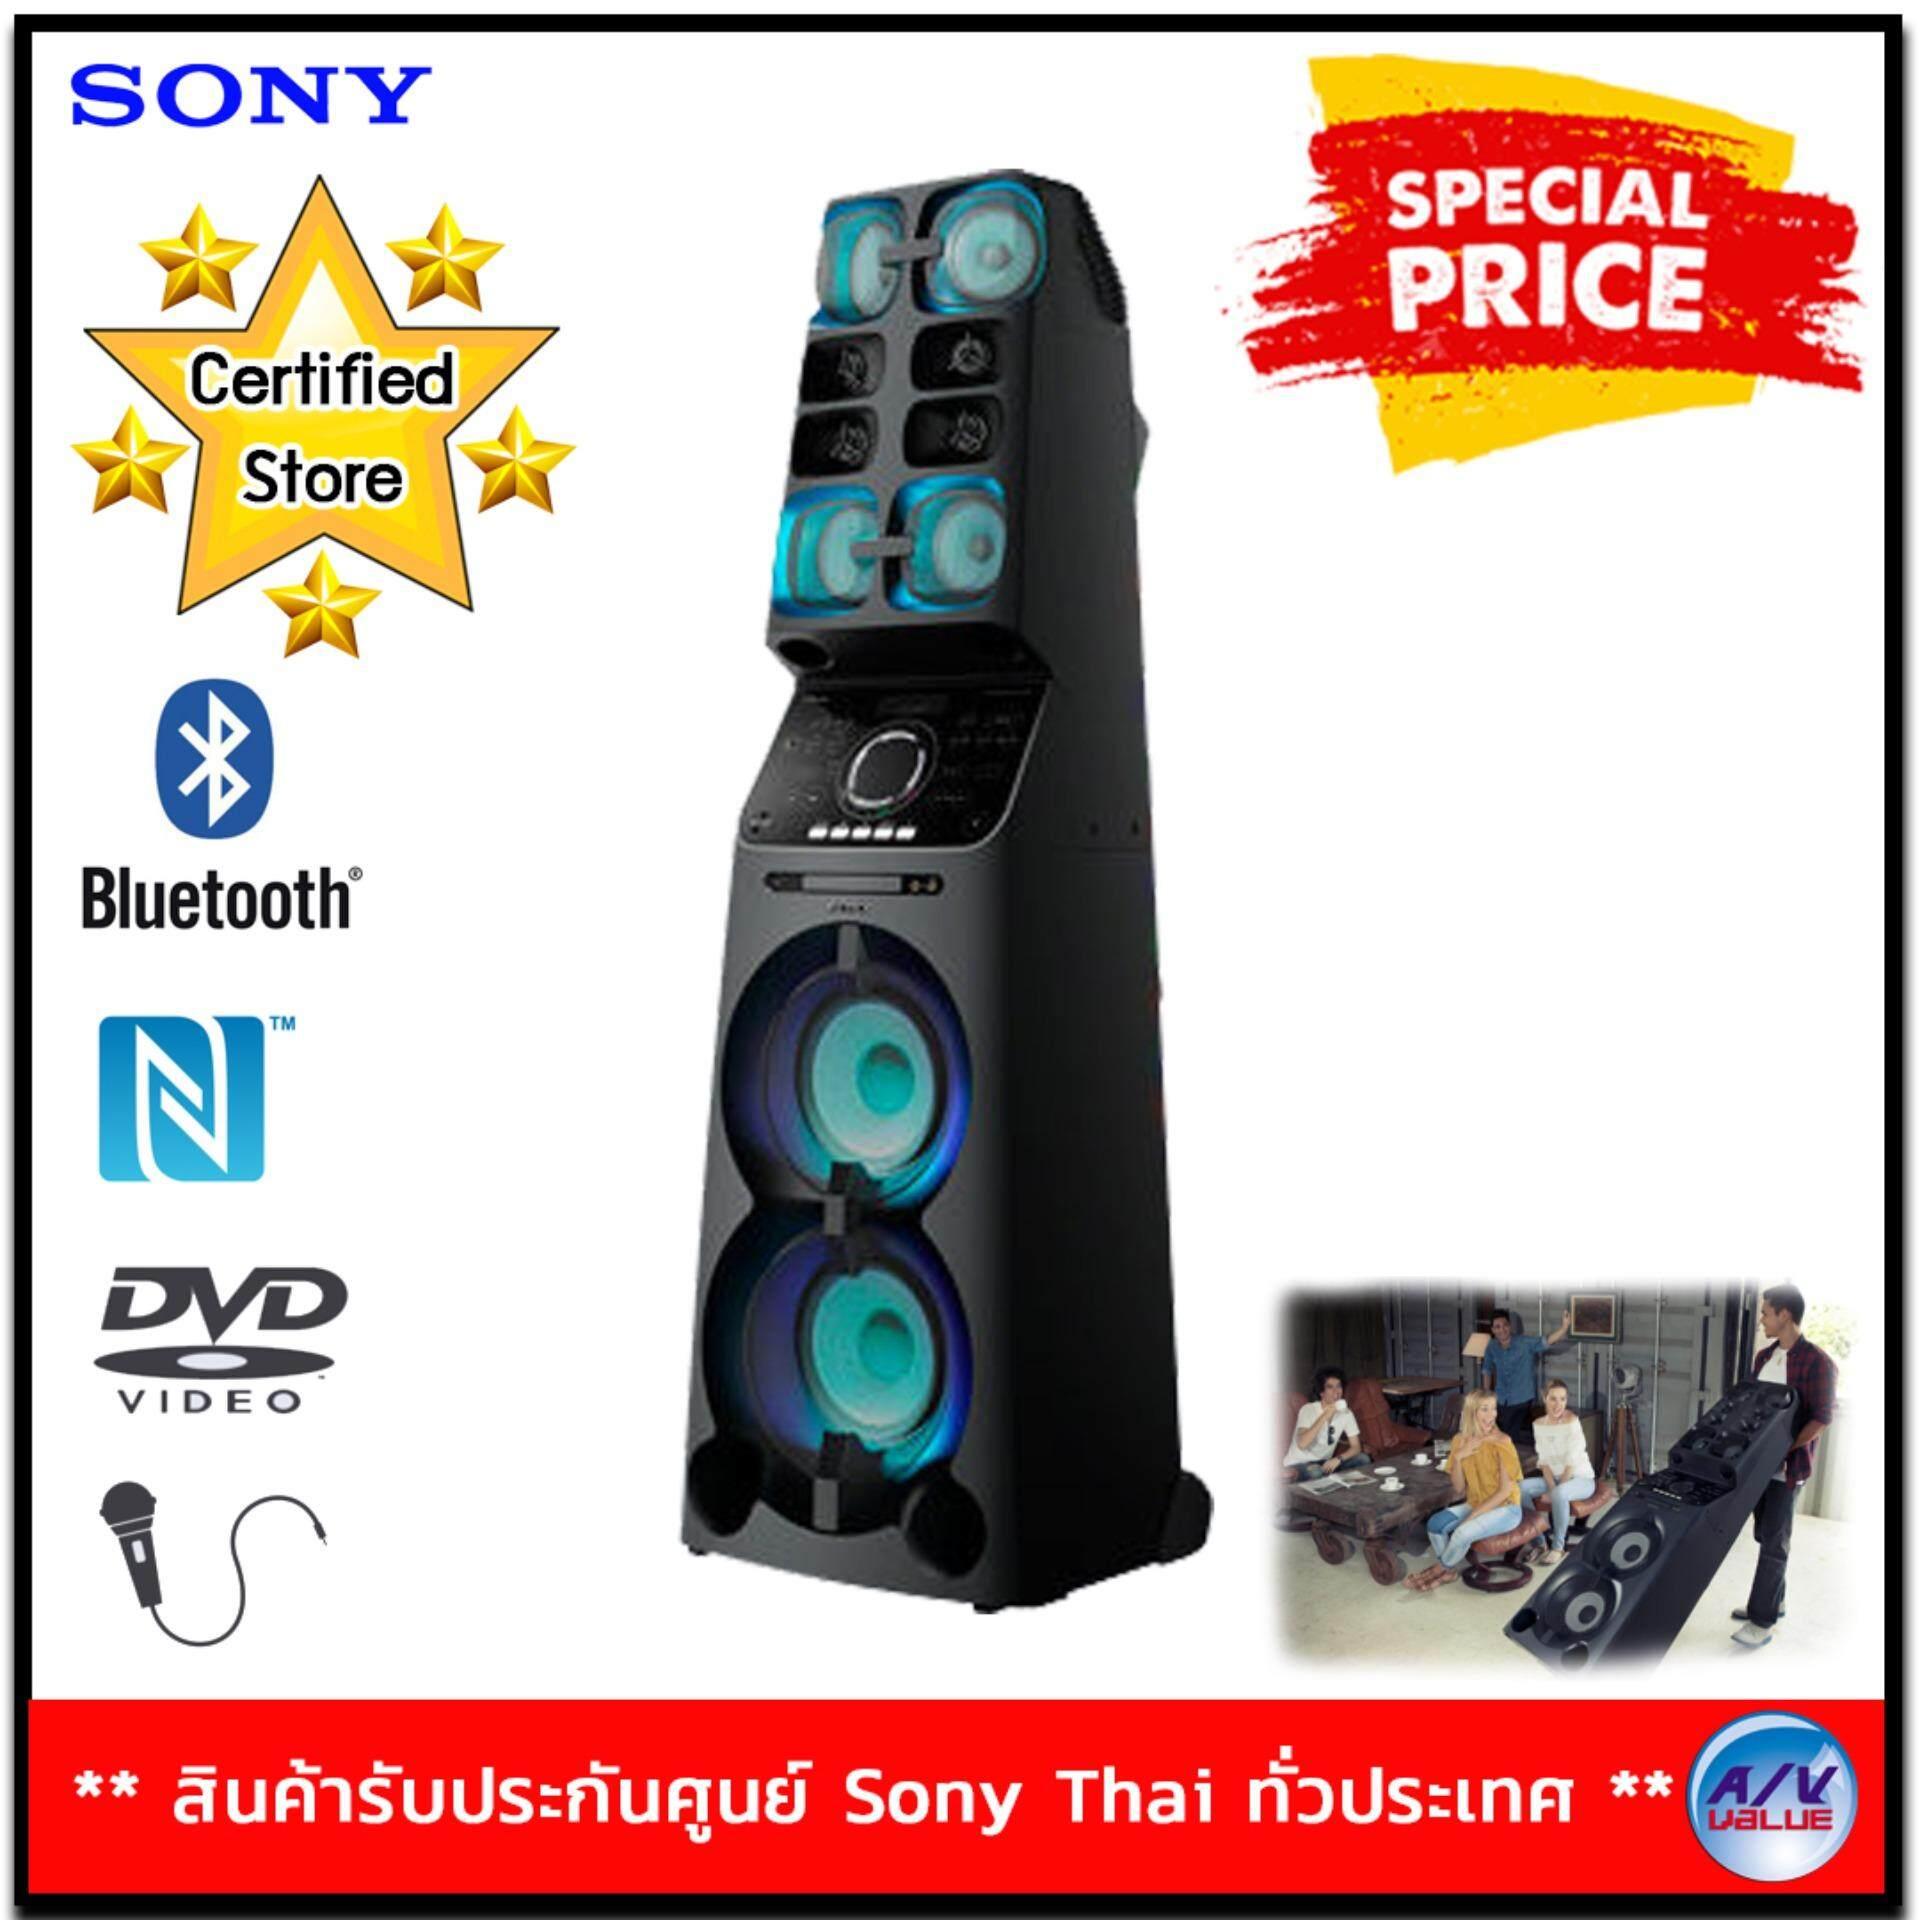 ชลบุรี SONY รุ่น MHC-V90DW ระบบเครื่องเสียงพลังสูง MUTEKI  **ราคาพิเศษ มีจำนวนจำกัด